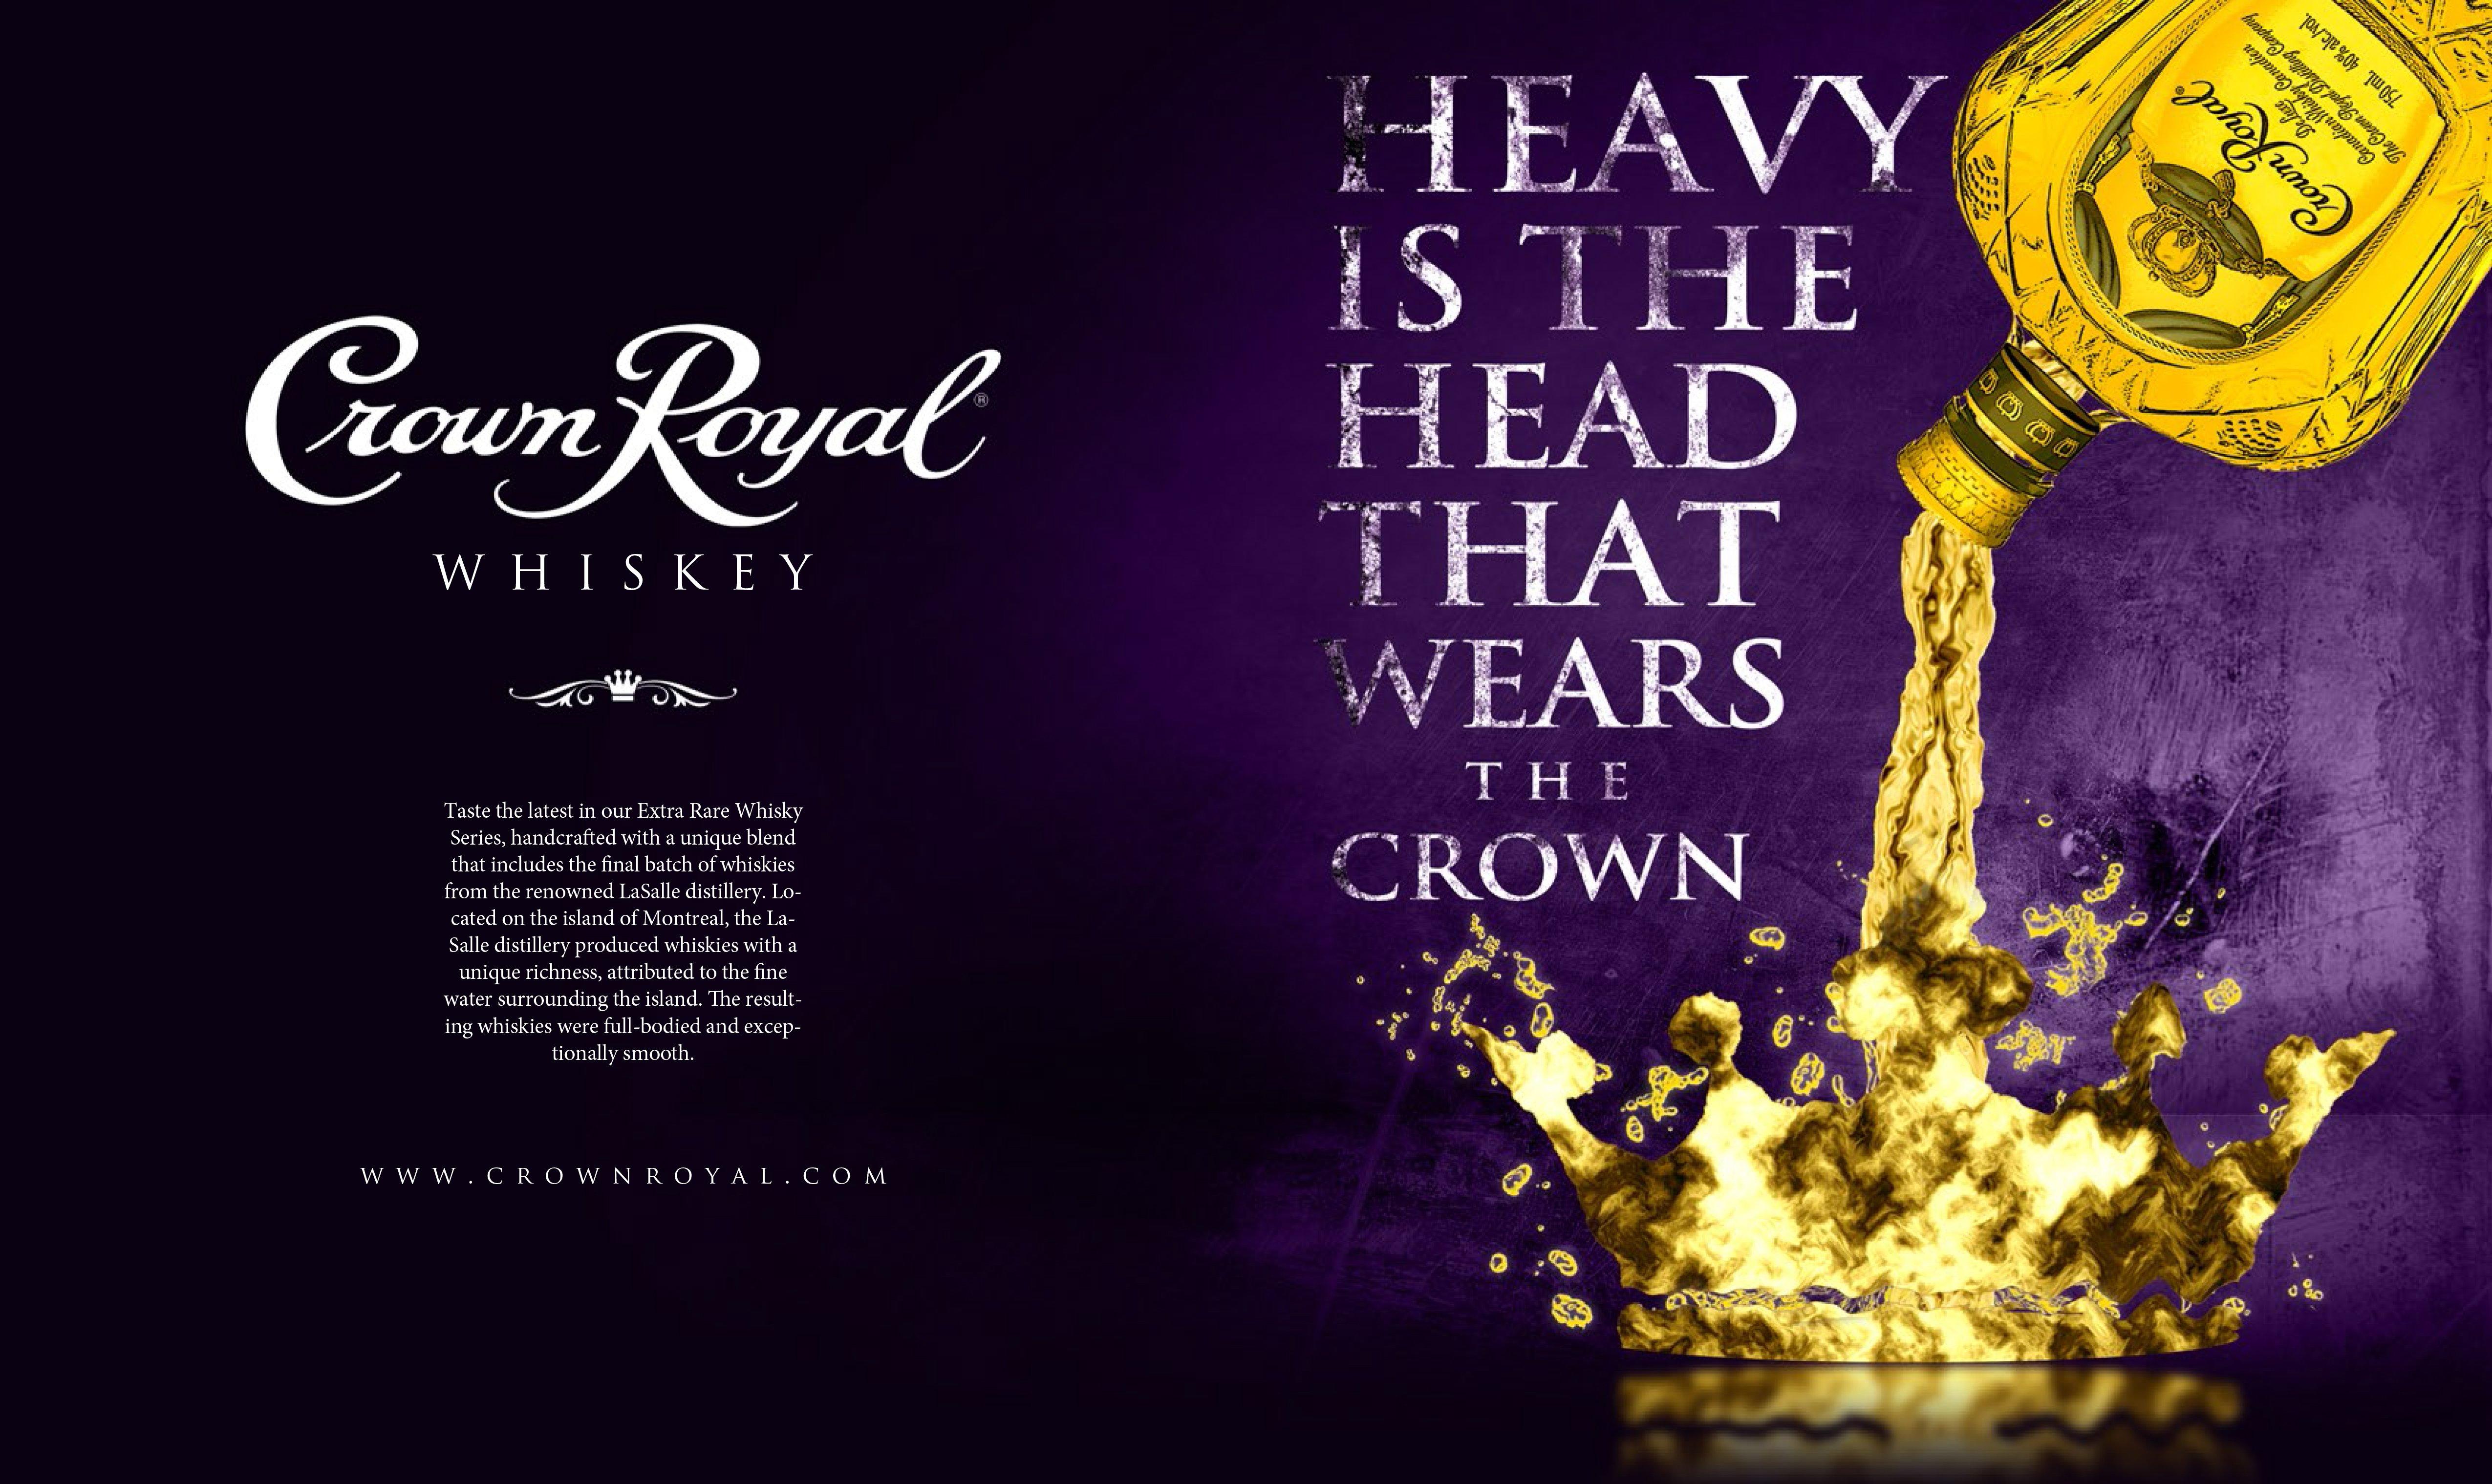 royal hd wallpaper